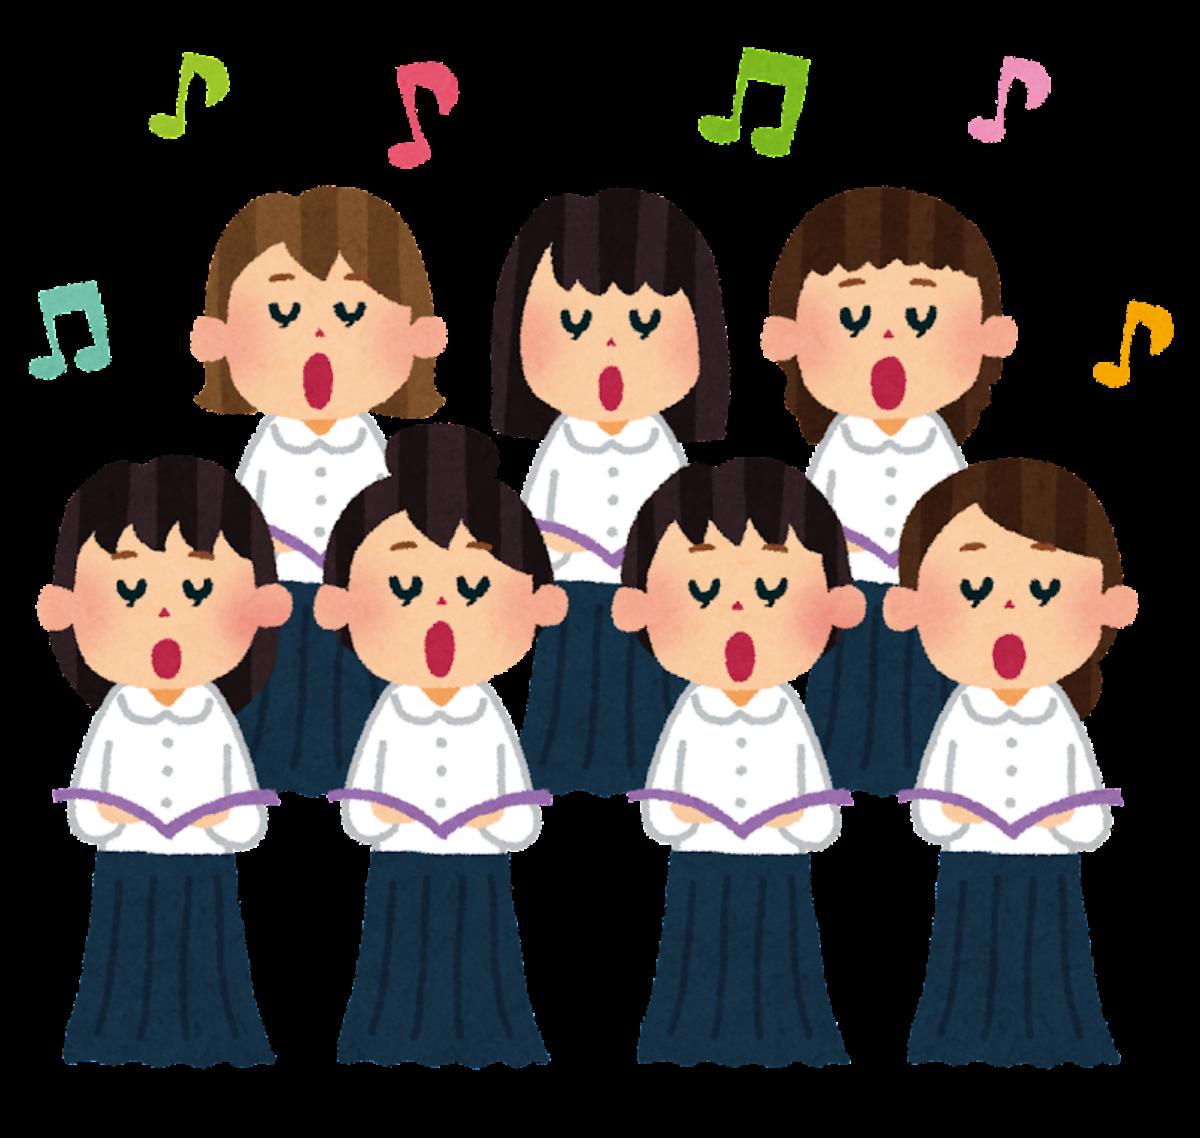 【イベント】2021.11/14(日)★大阪狭山市・狭山池博物館で入場無料のフレッシュコンサート2021『ハッピーマミー』があるよ♪申込は10/31(日)まで!!: